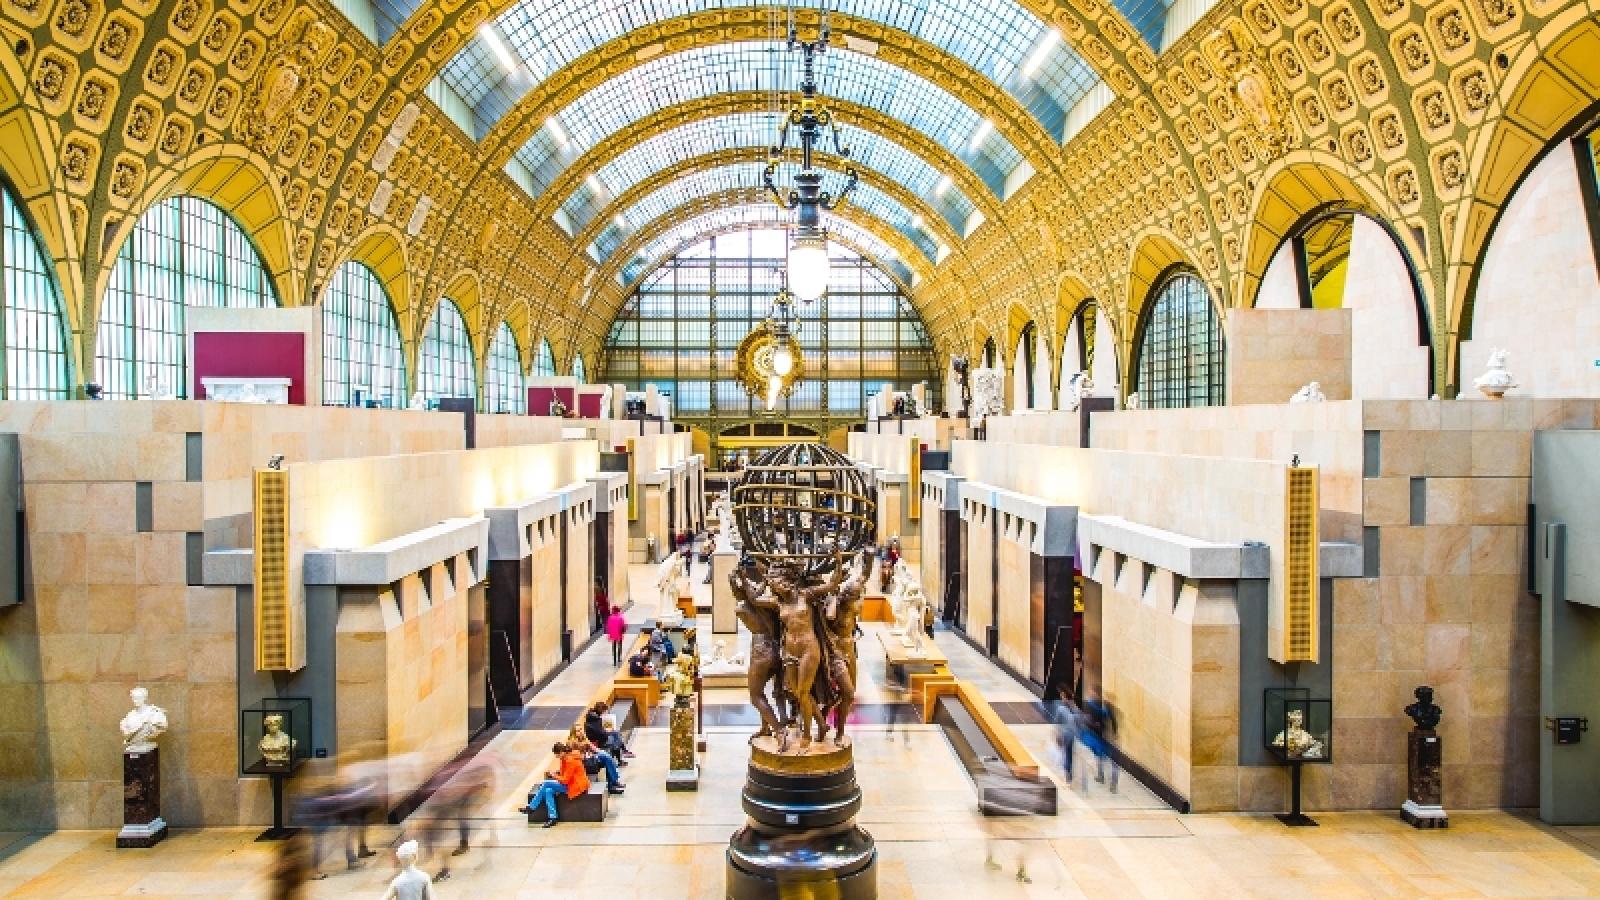 Bảo tàng tại Paris mở cửa trở lại